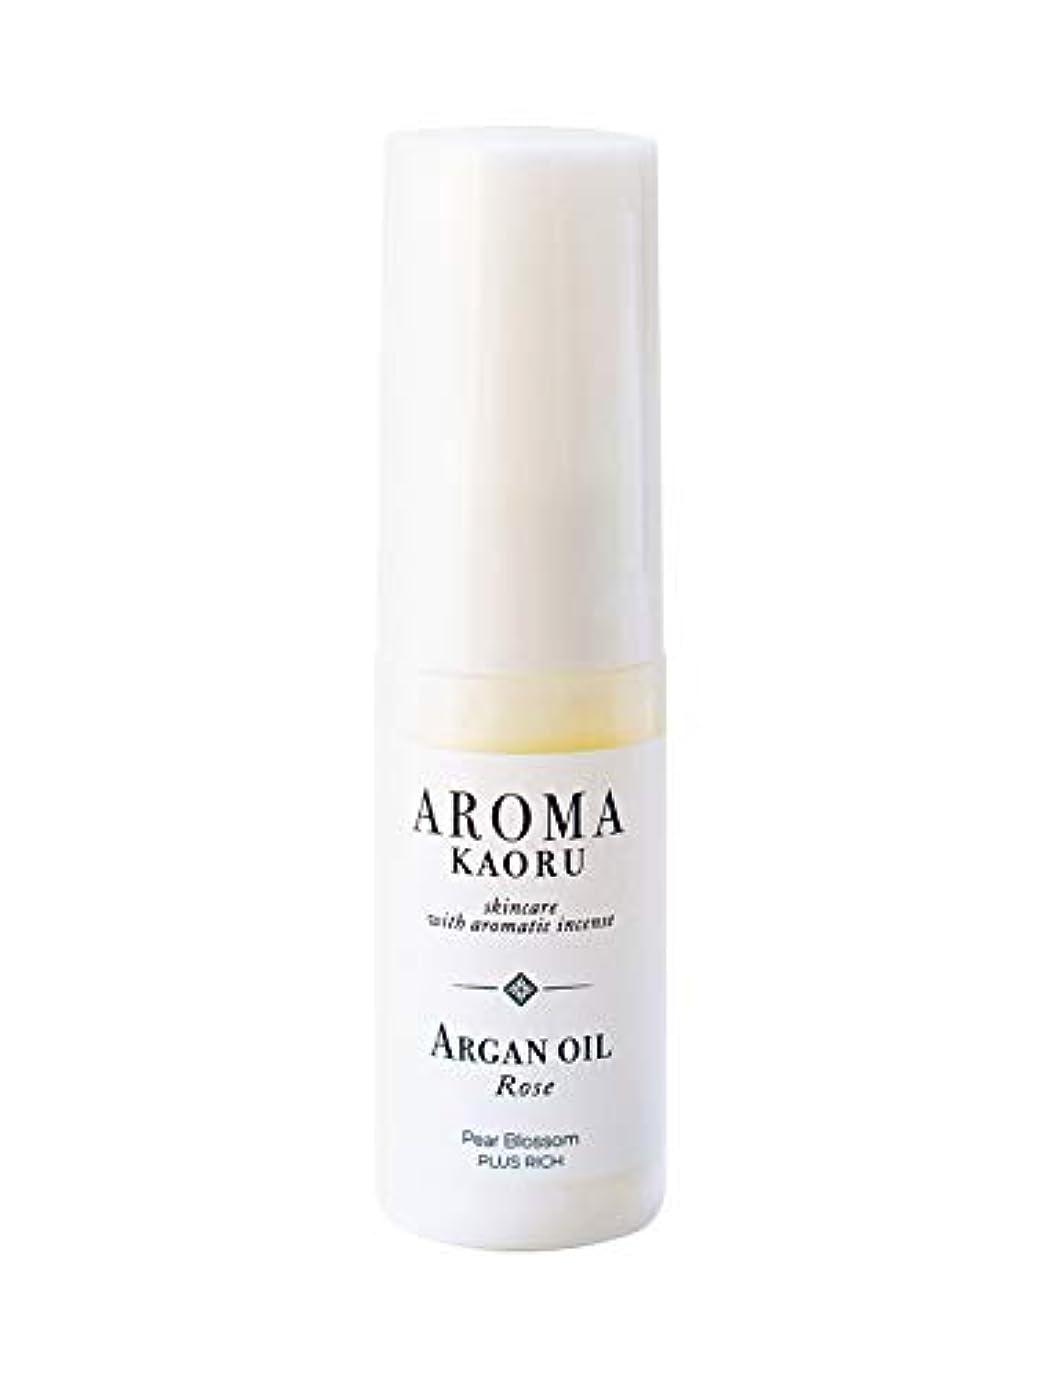 定期的に効果適合しましたアロマ香るアルガンオイル PB 美容オイル(AR)